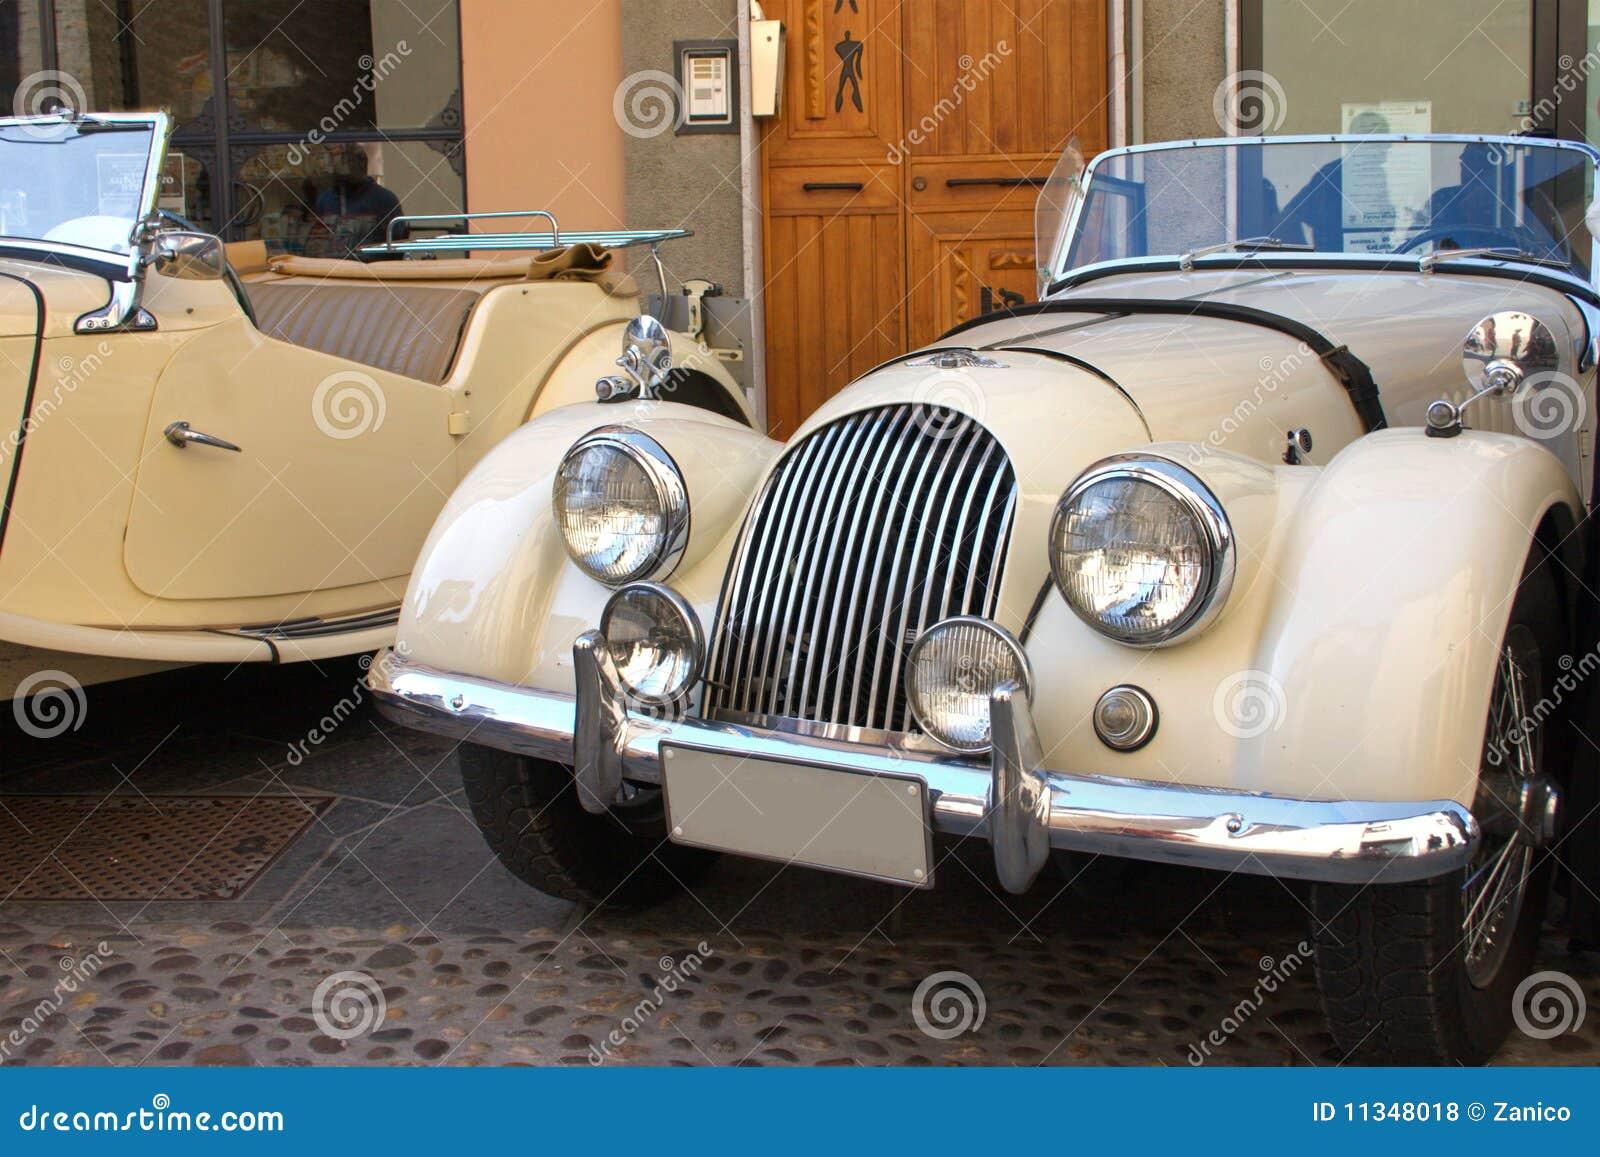 The Morgan Classic Car